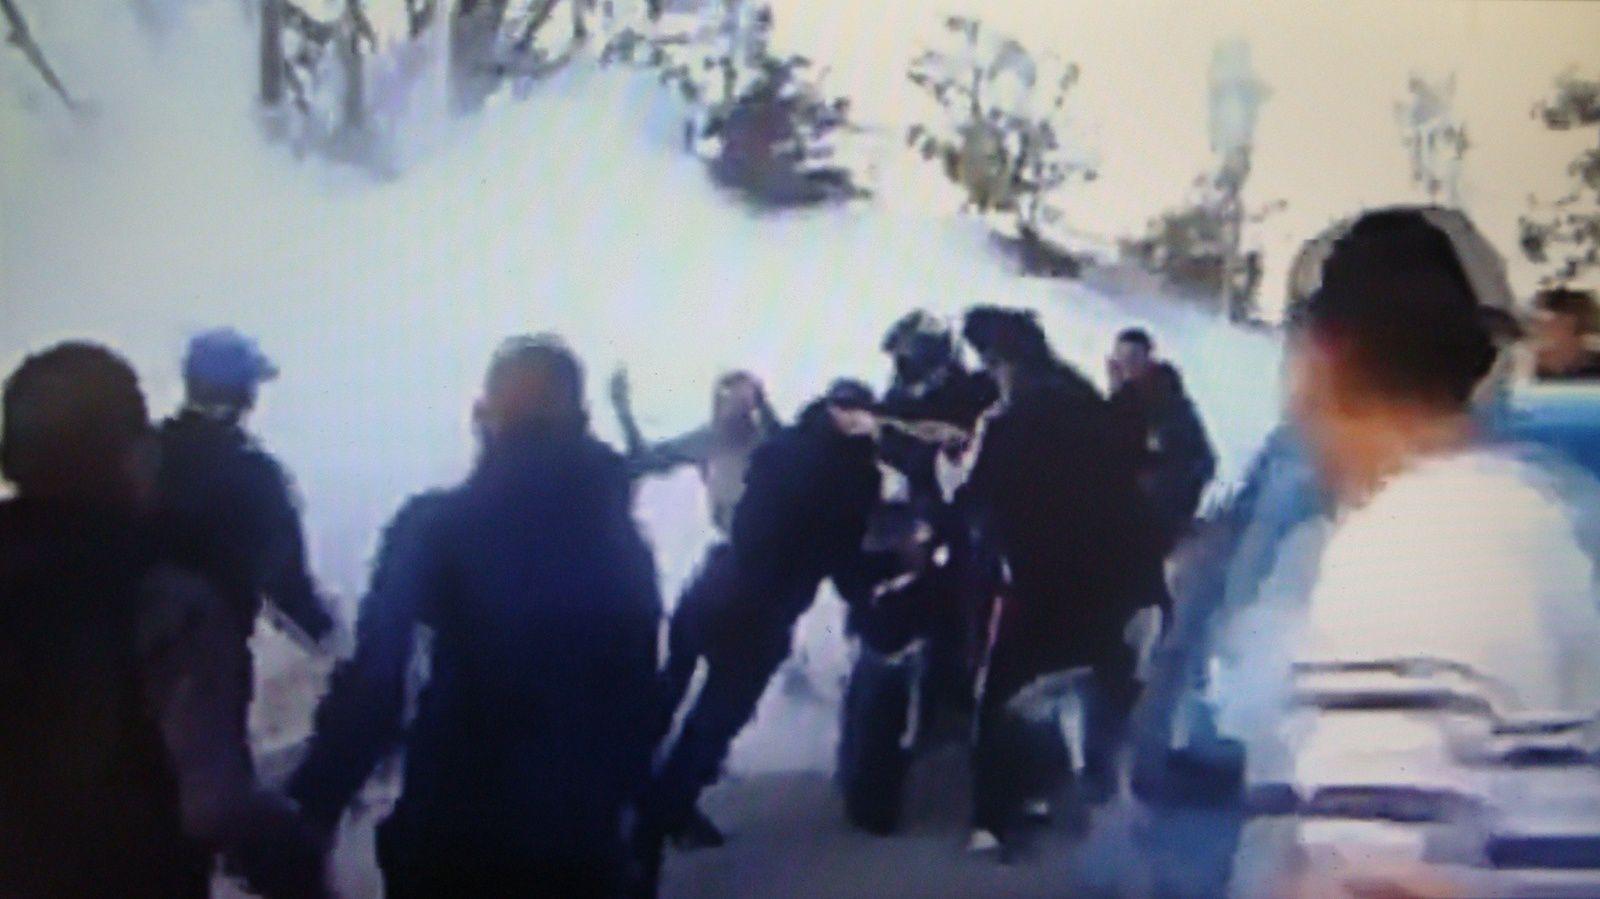 Saccages par les djeuns en ce moment à Paris ( 18 février 17 ). Fruit empoisonnés de l'idéologie au pouvoir.